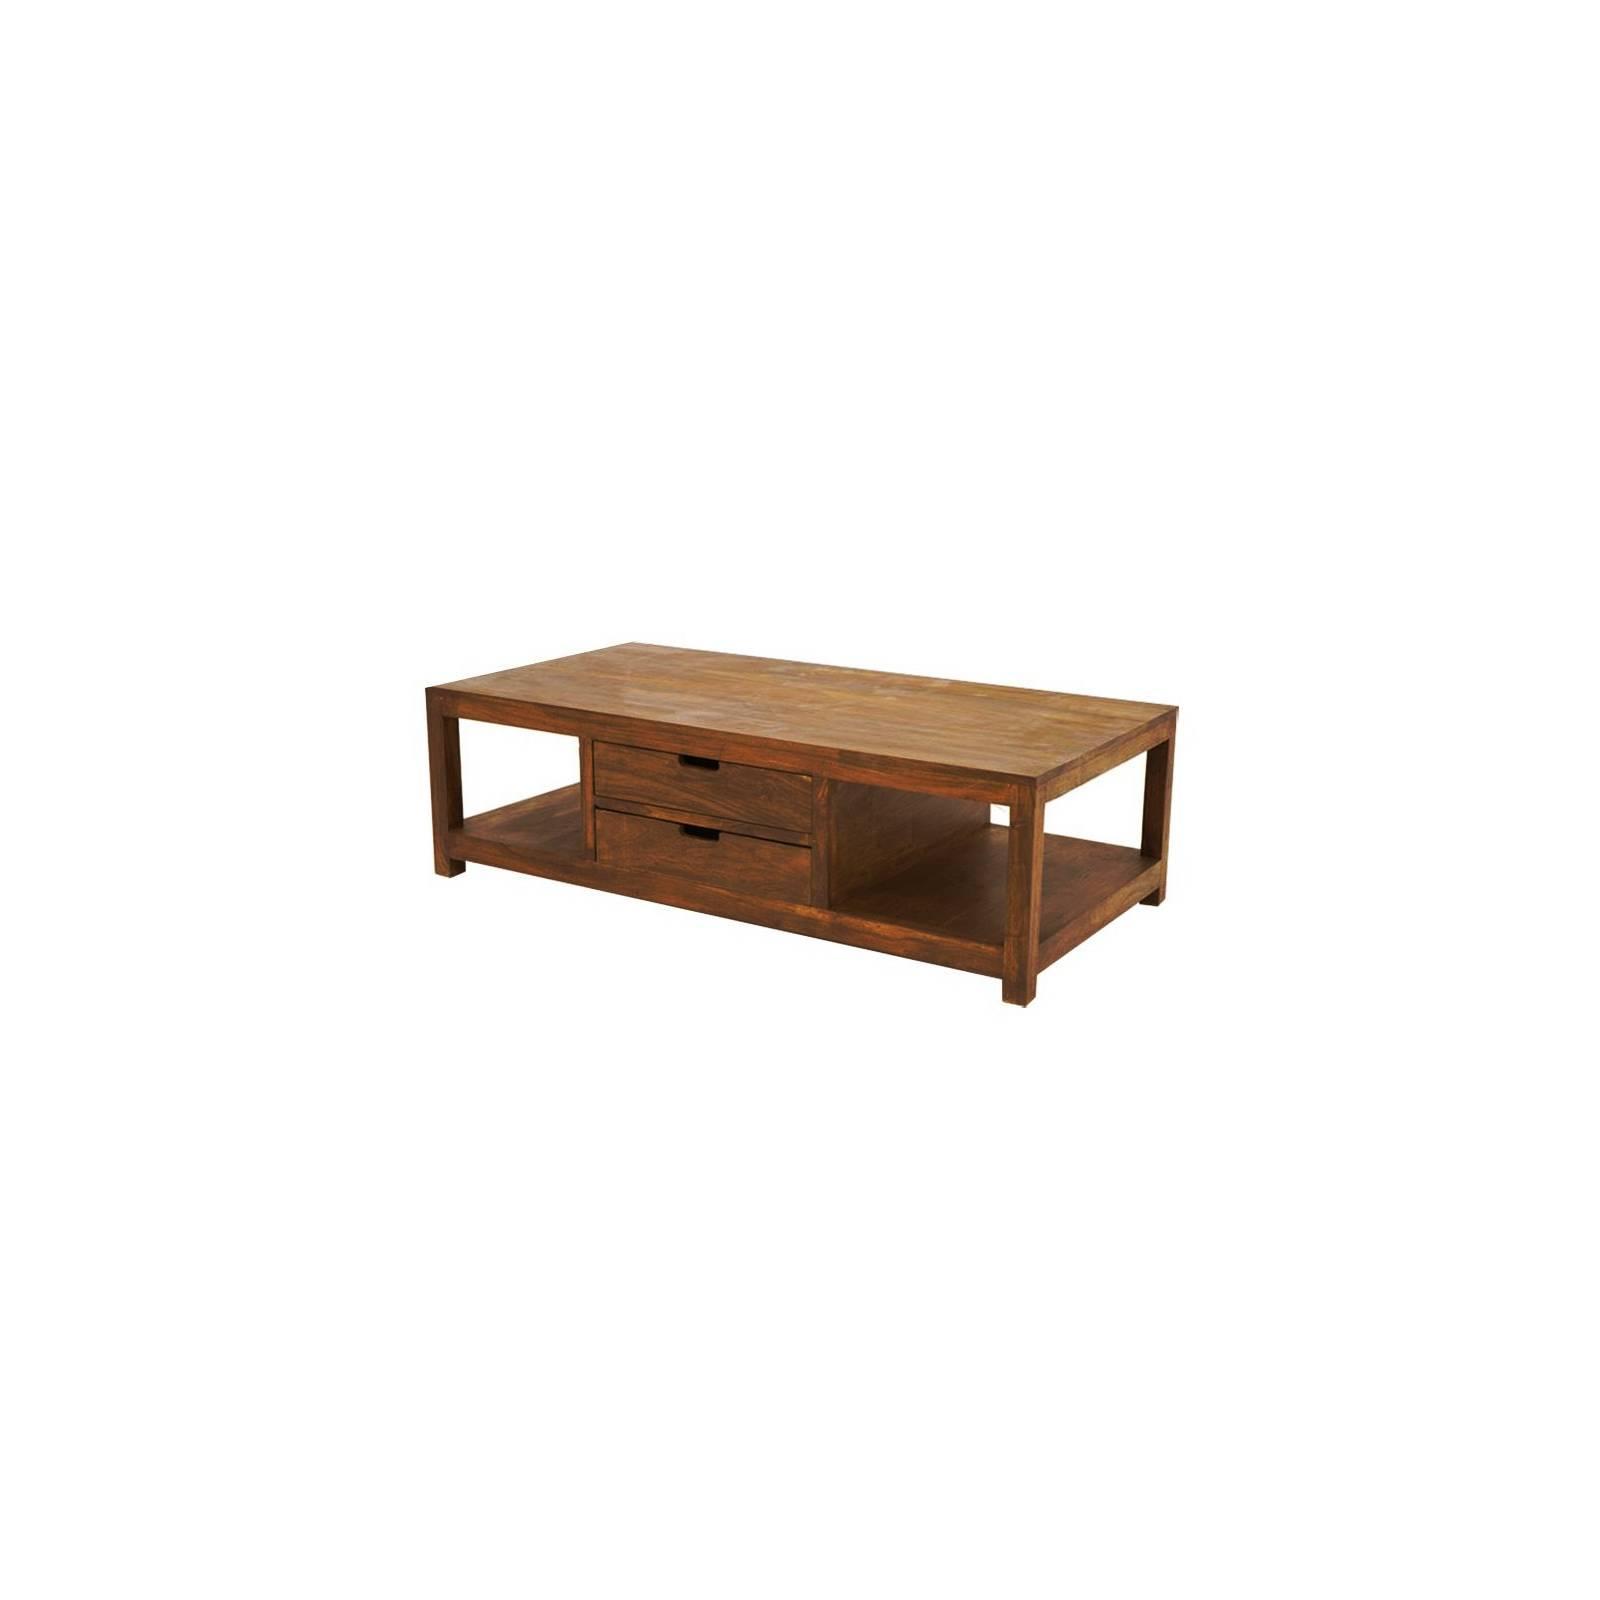 Table Basse Palissandre Table Basse Déco Art Art Palissandre Déco 4AL3jR5